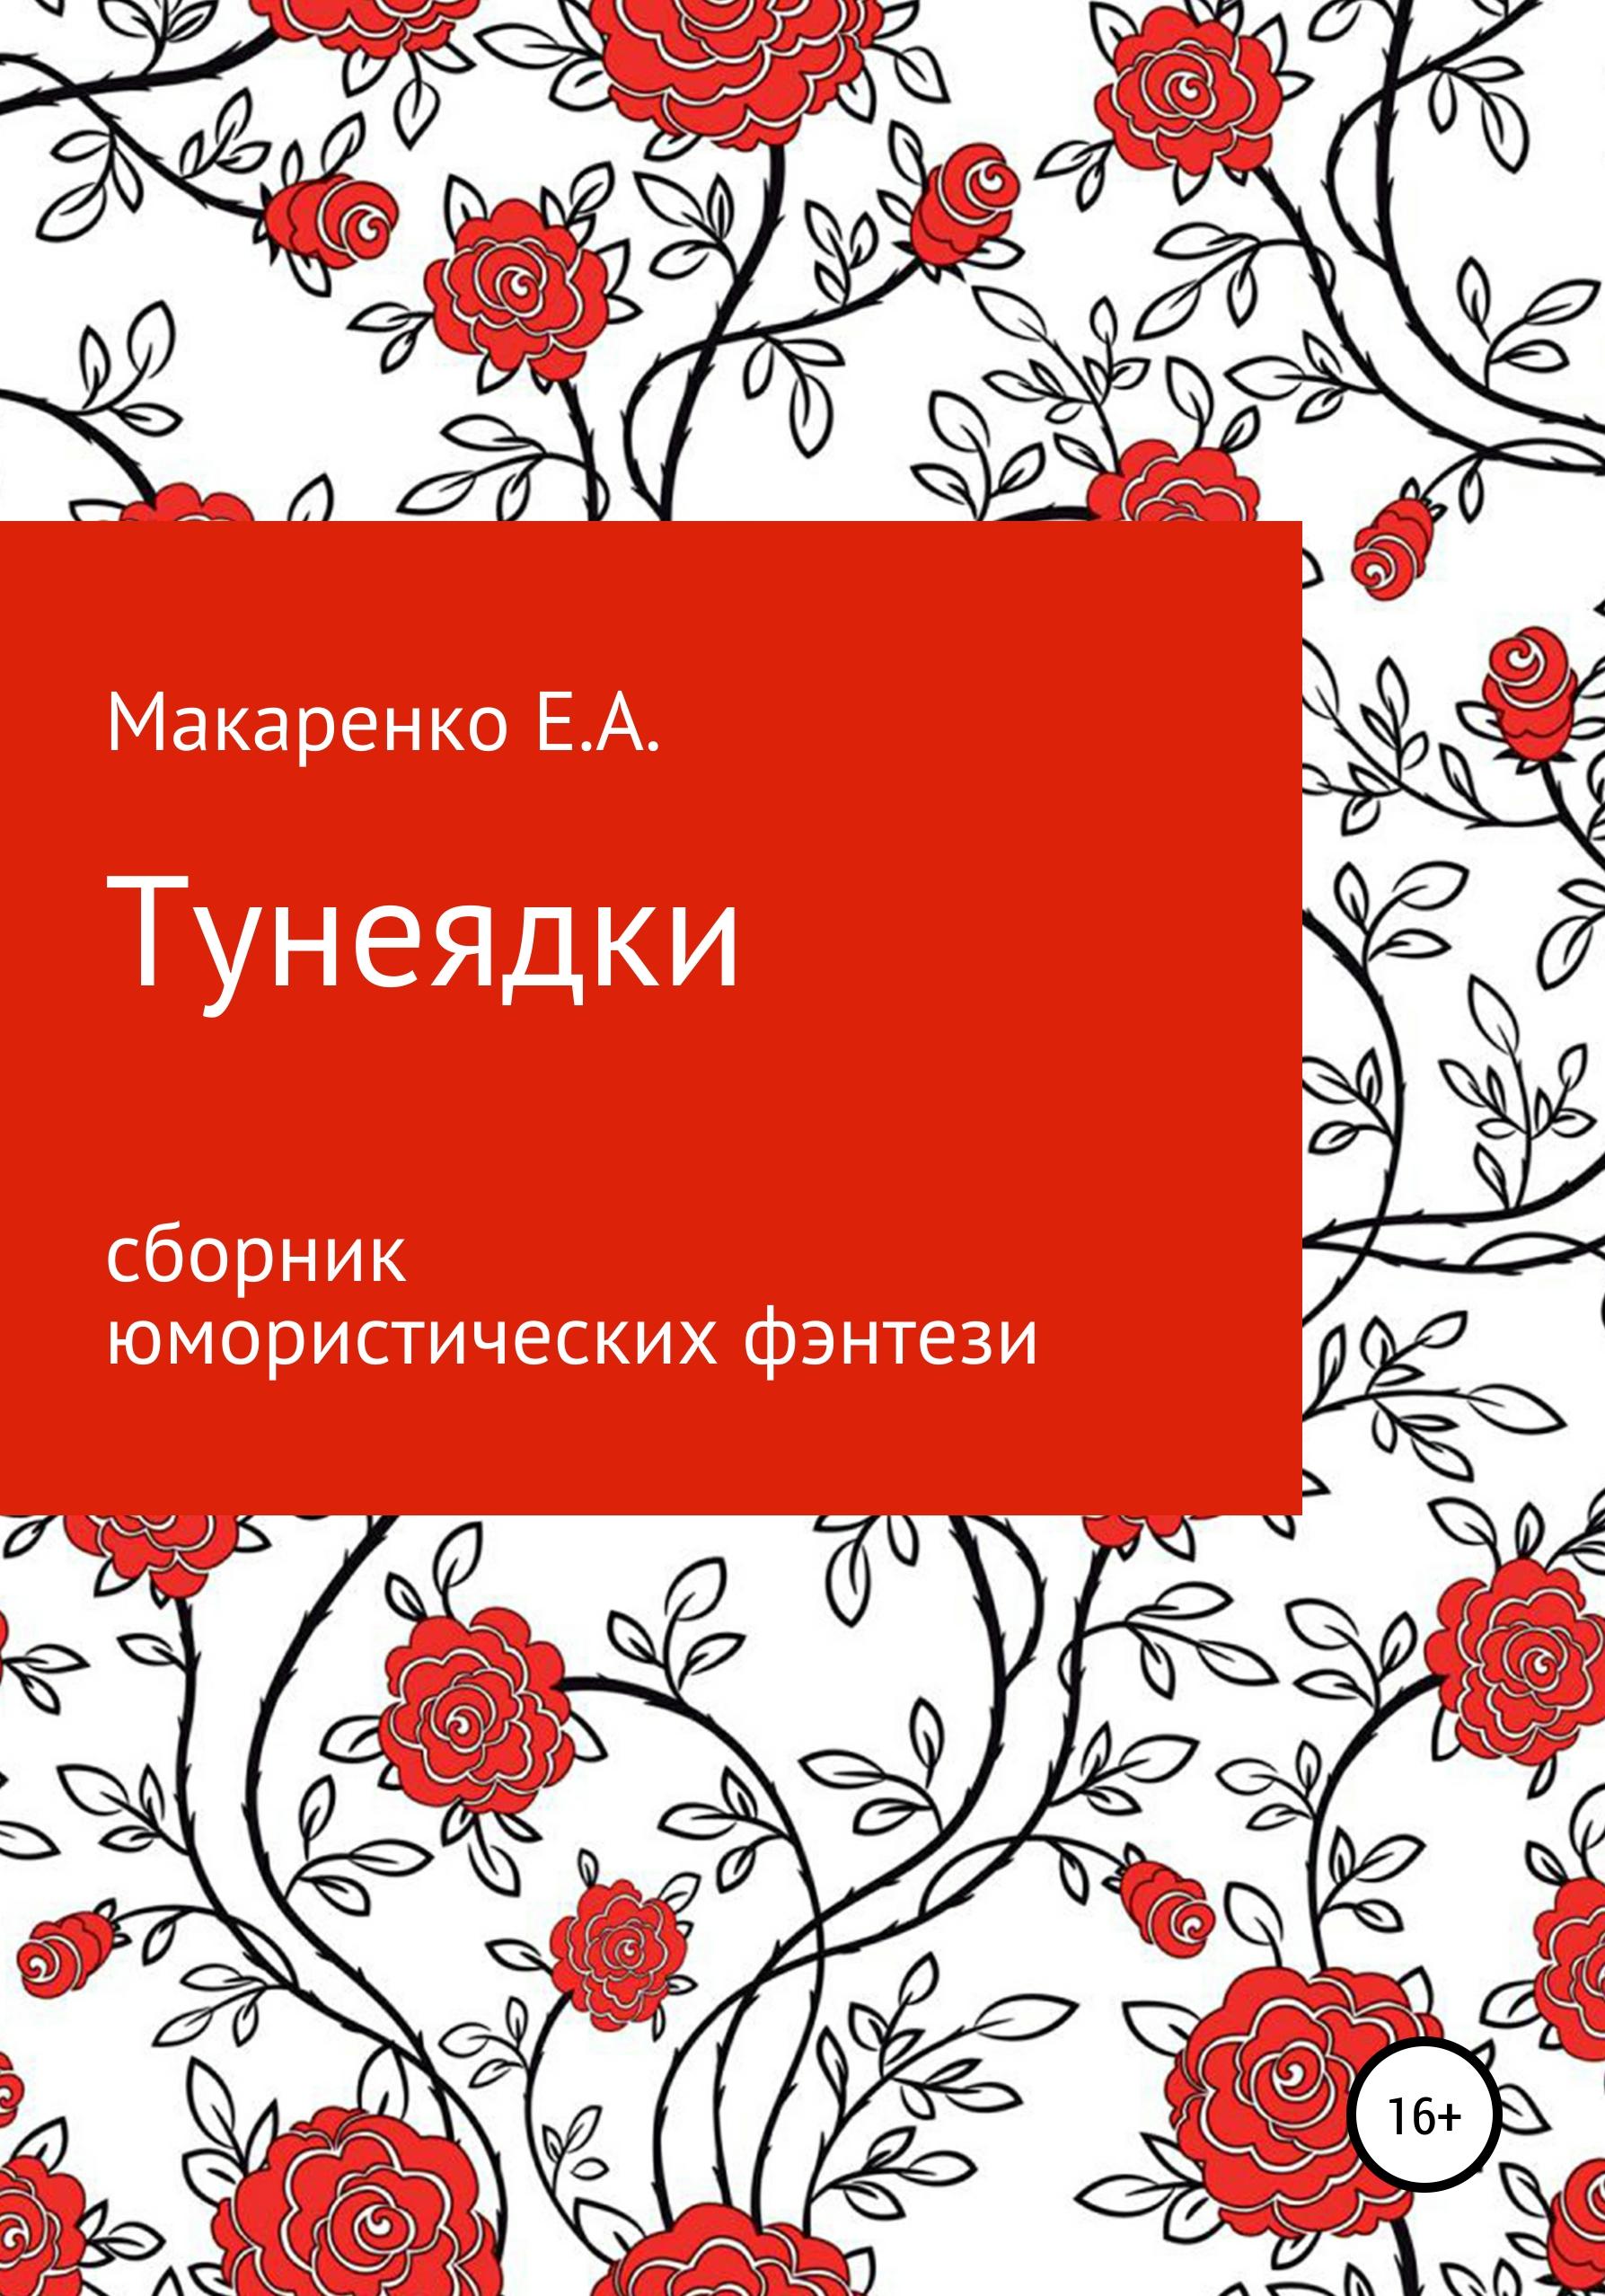 Тунеядки_Евгения Александровна Макаренко